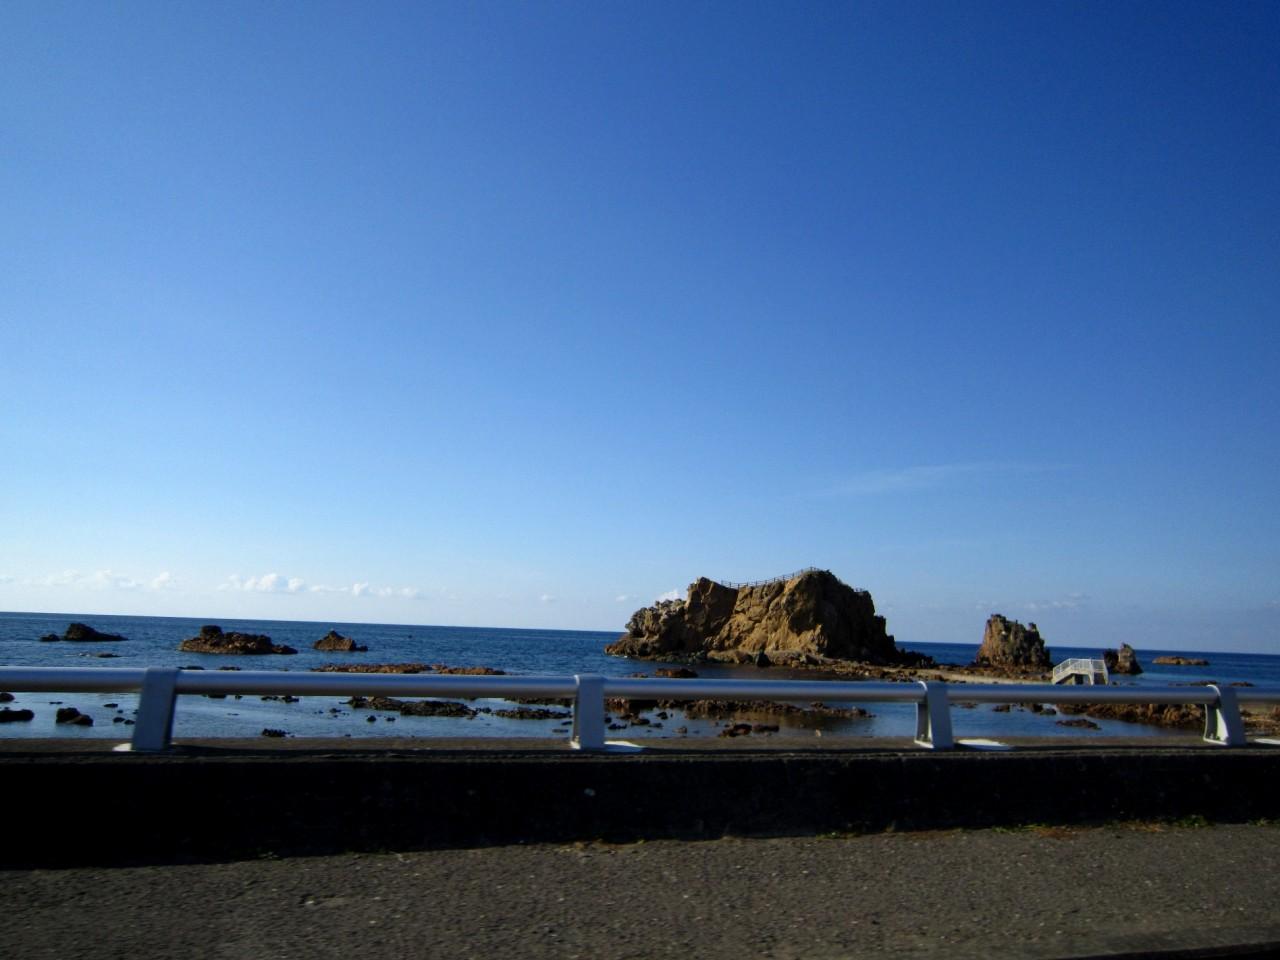 青森 津軽 深浦 風景 冬 昼 晴天 海 海岸 岩場 青